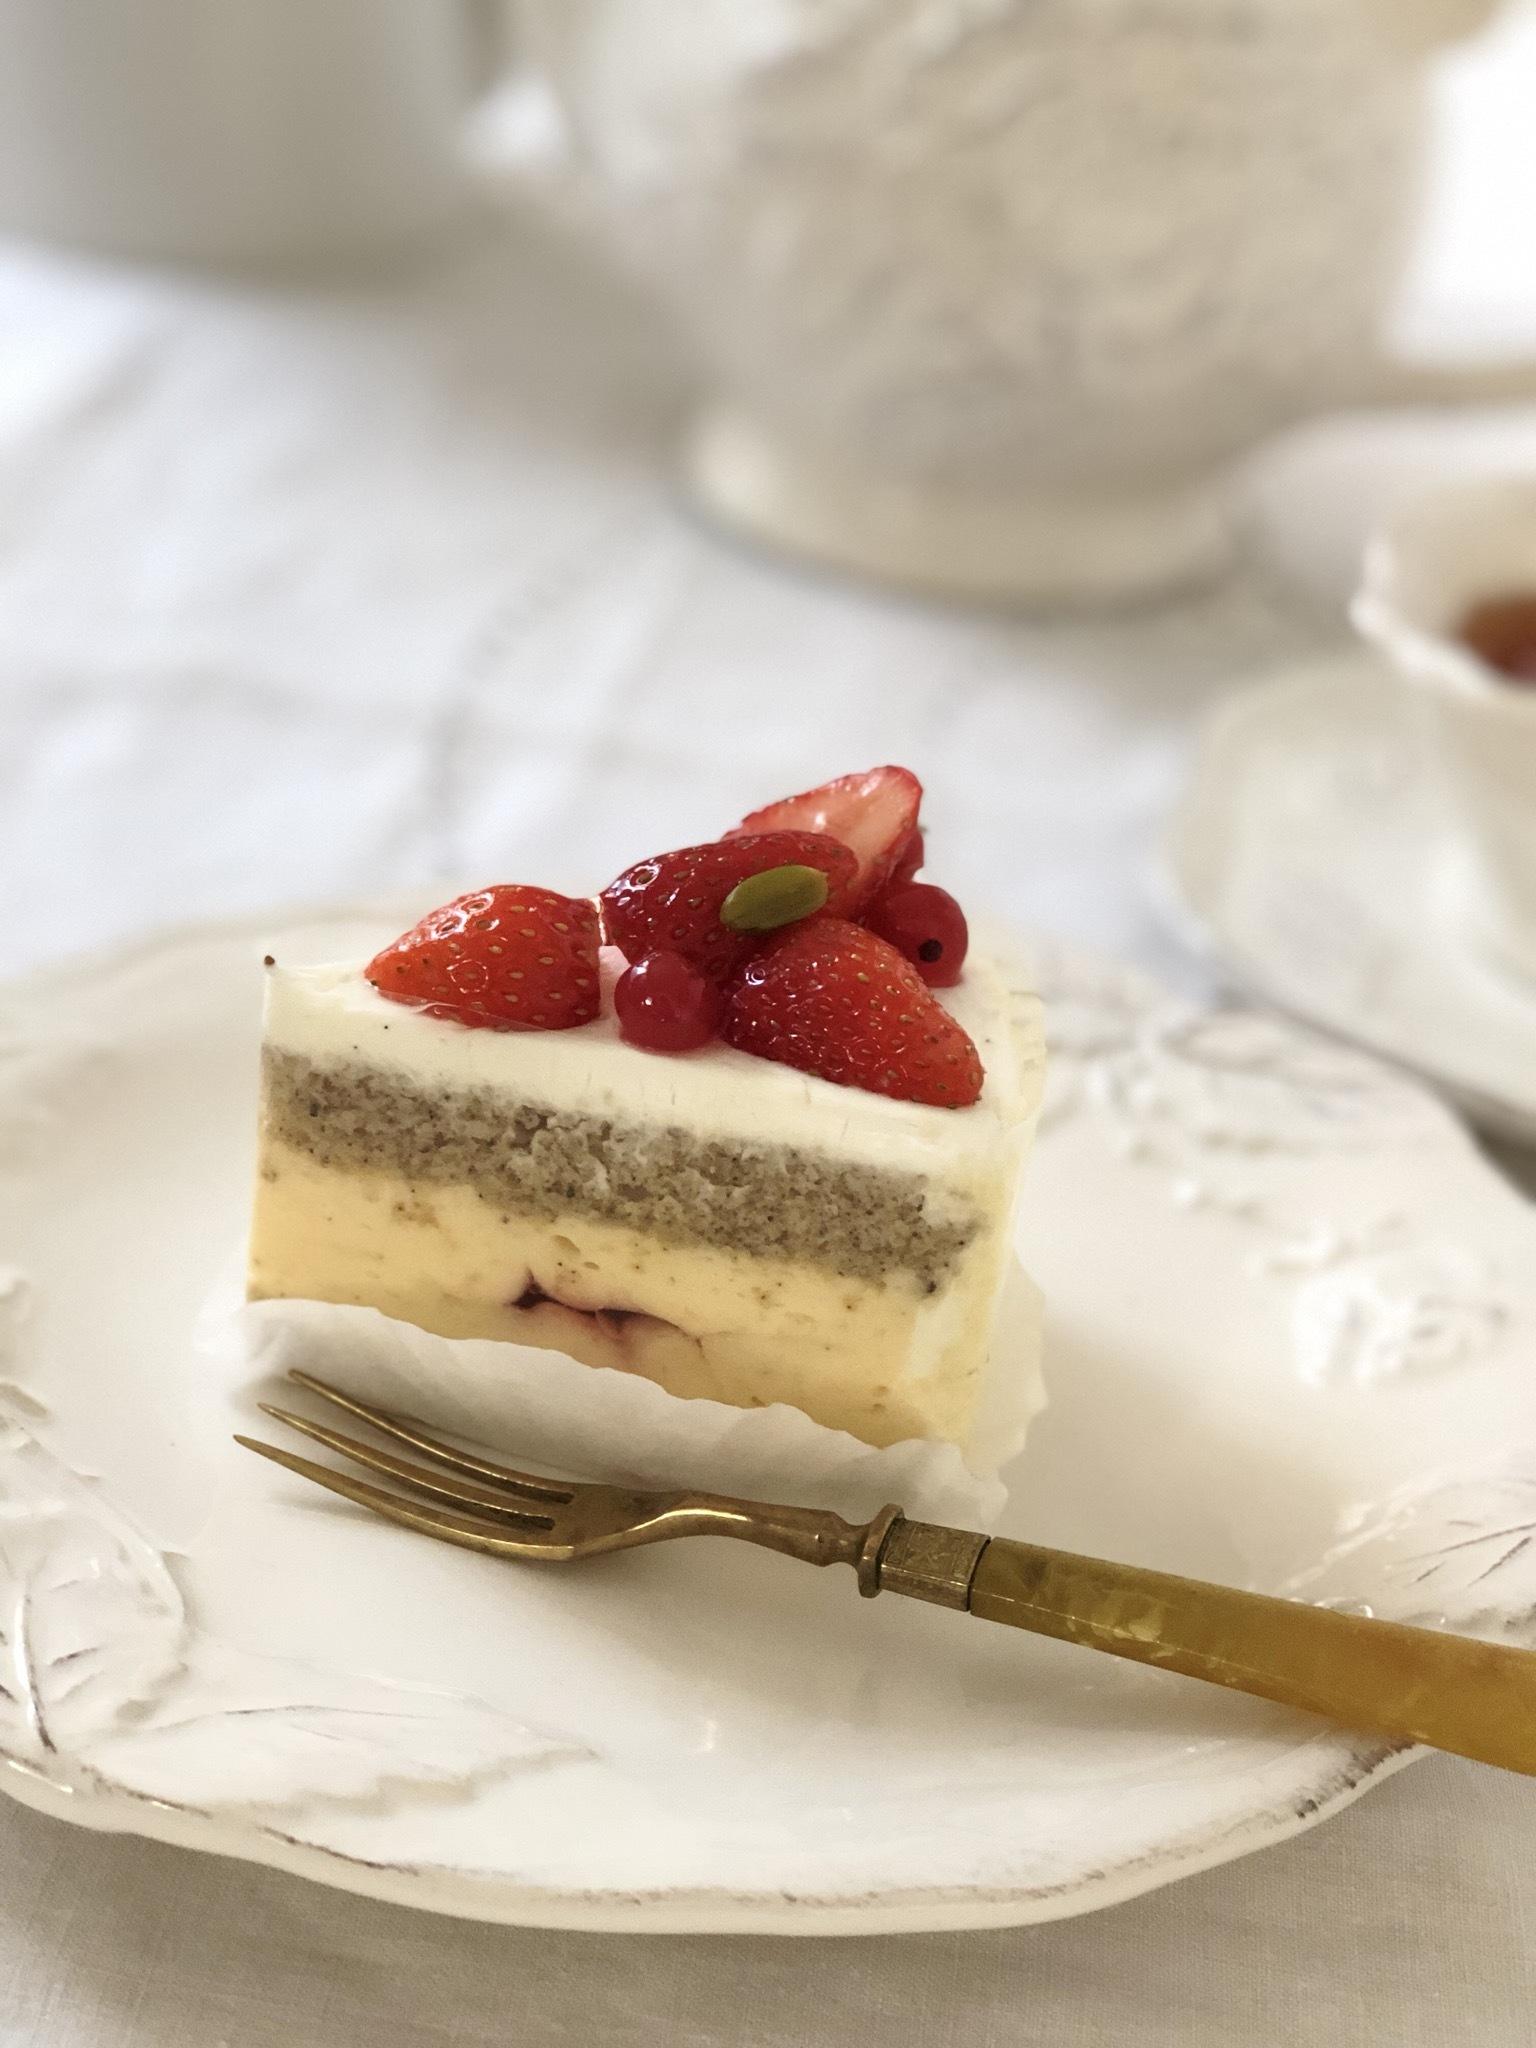 大好きなショコラショップのケーキ@渋谷ヒカリエ_a0157409_06311788.jpeg